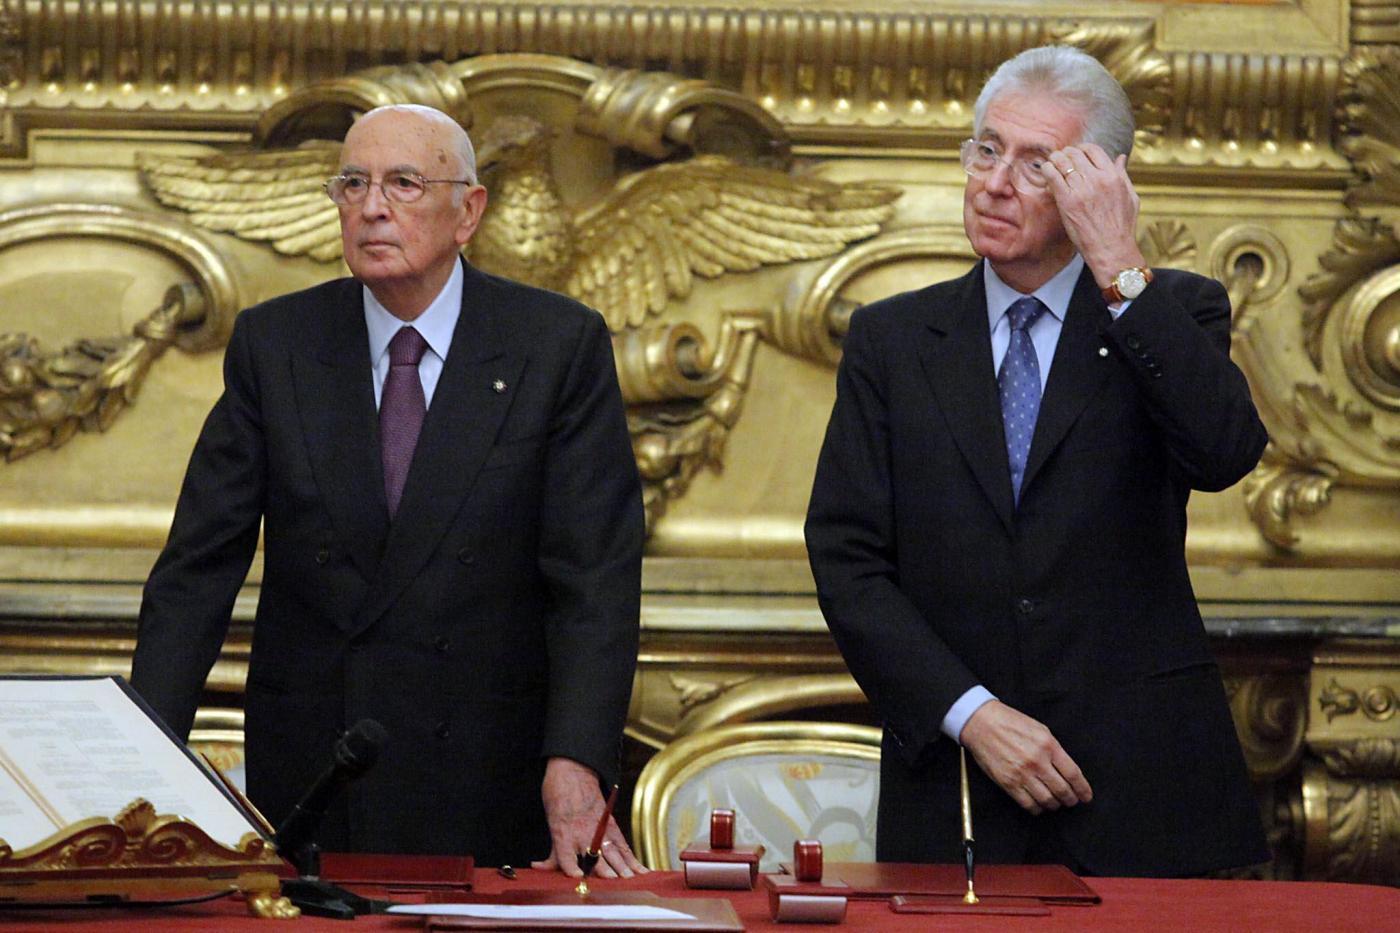 Napolitano puntella Monti: La riforma del lavoro va fatta, nessun licenziamento facile